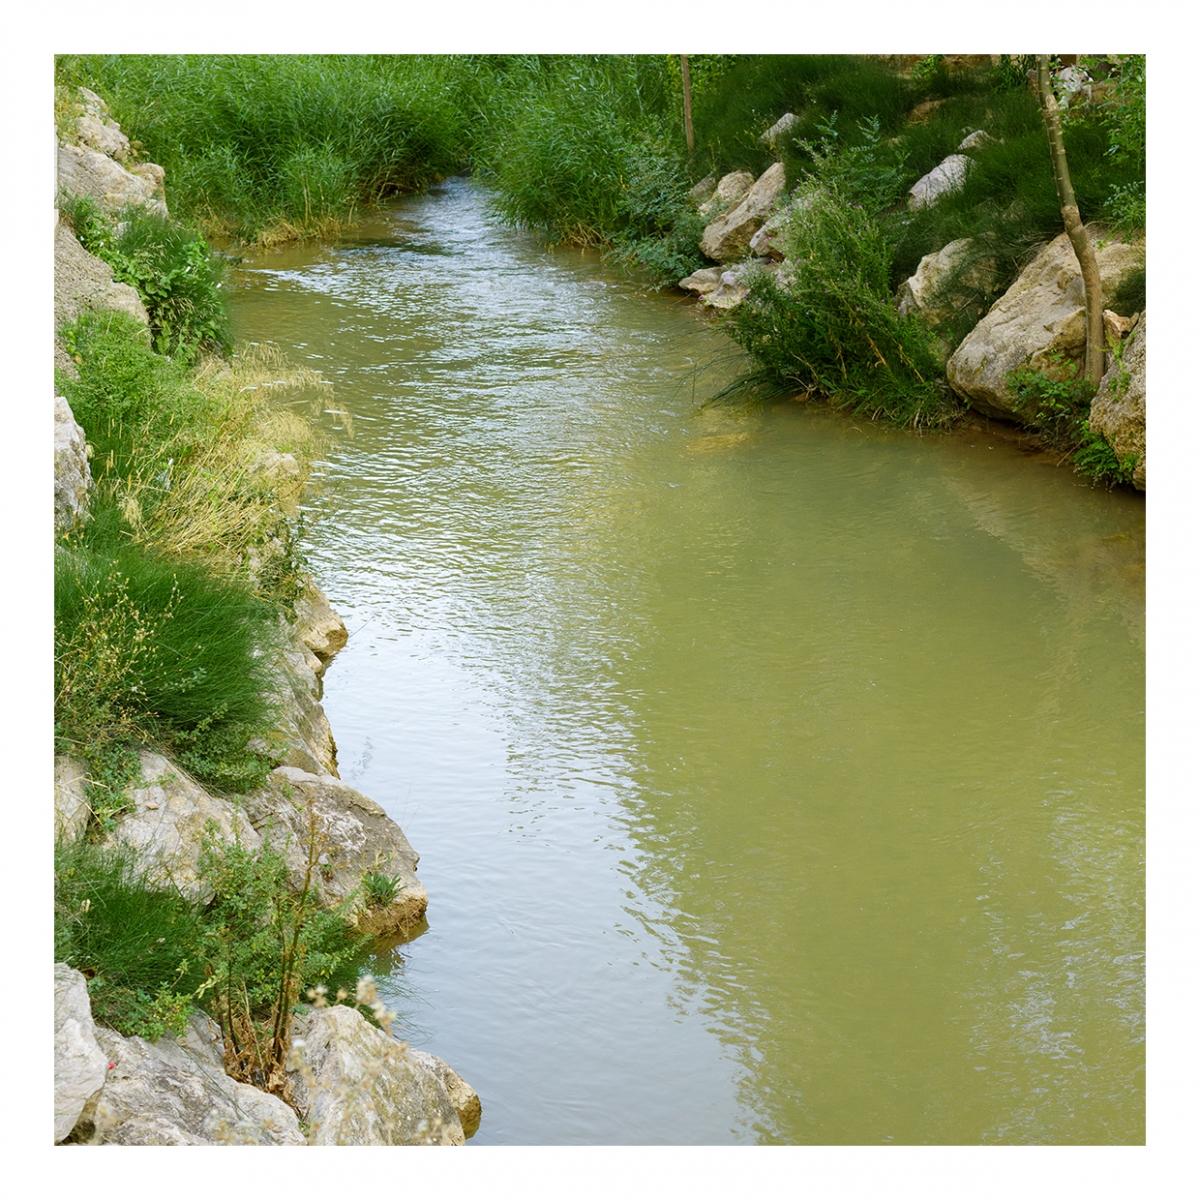 Imagen en la que se ve un río